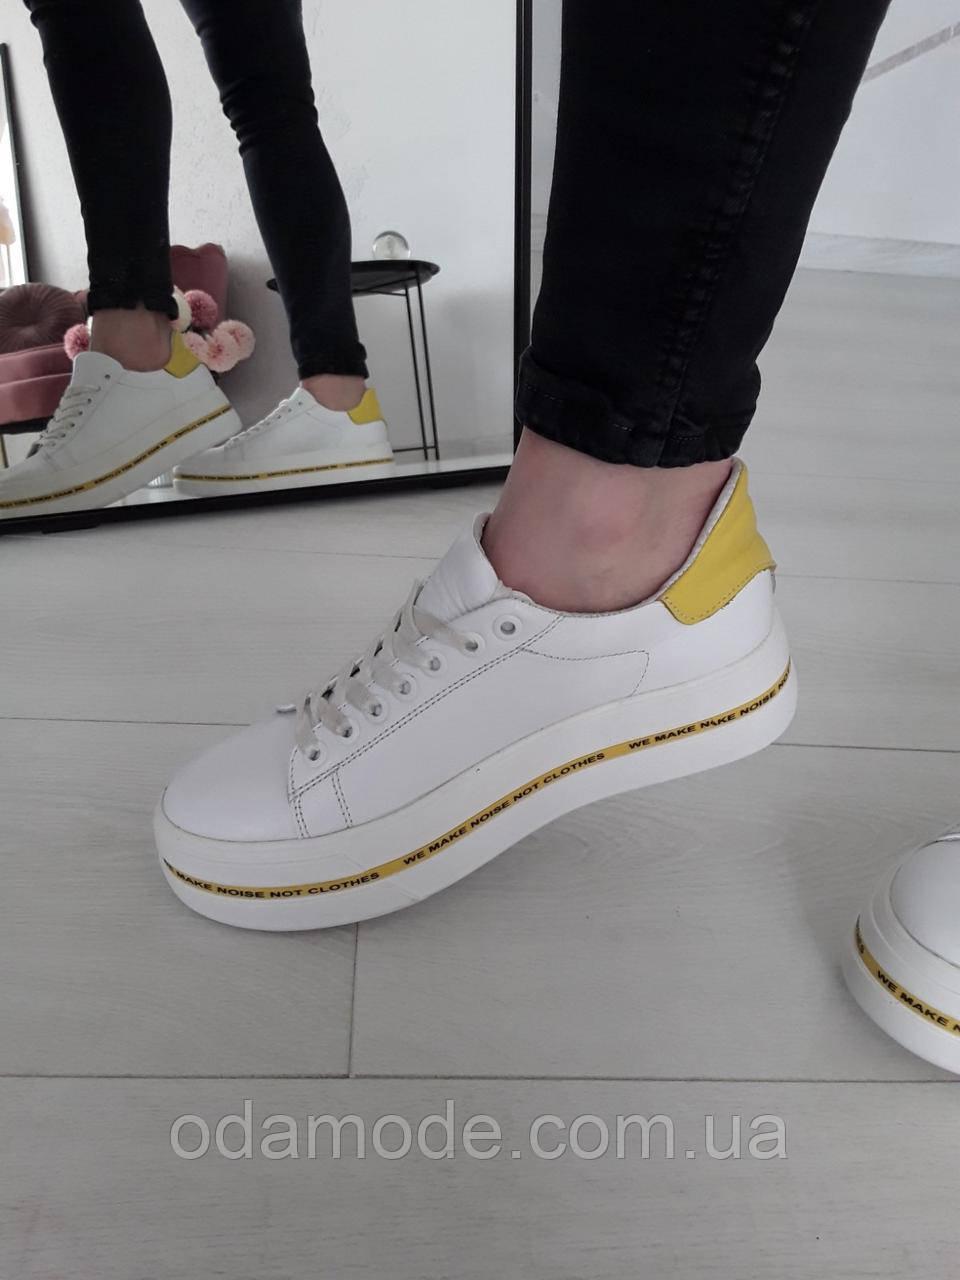 Белые кеды с желтыми вставками